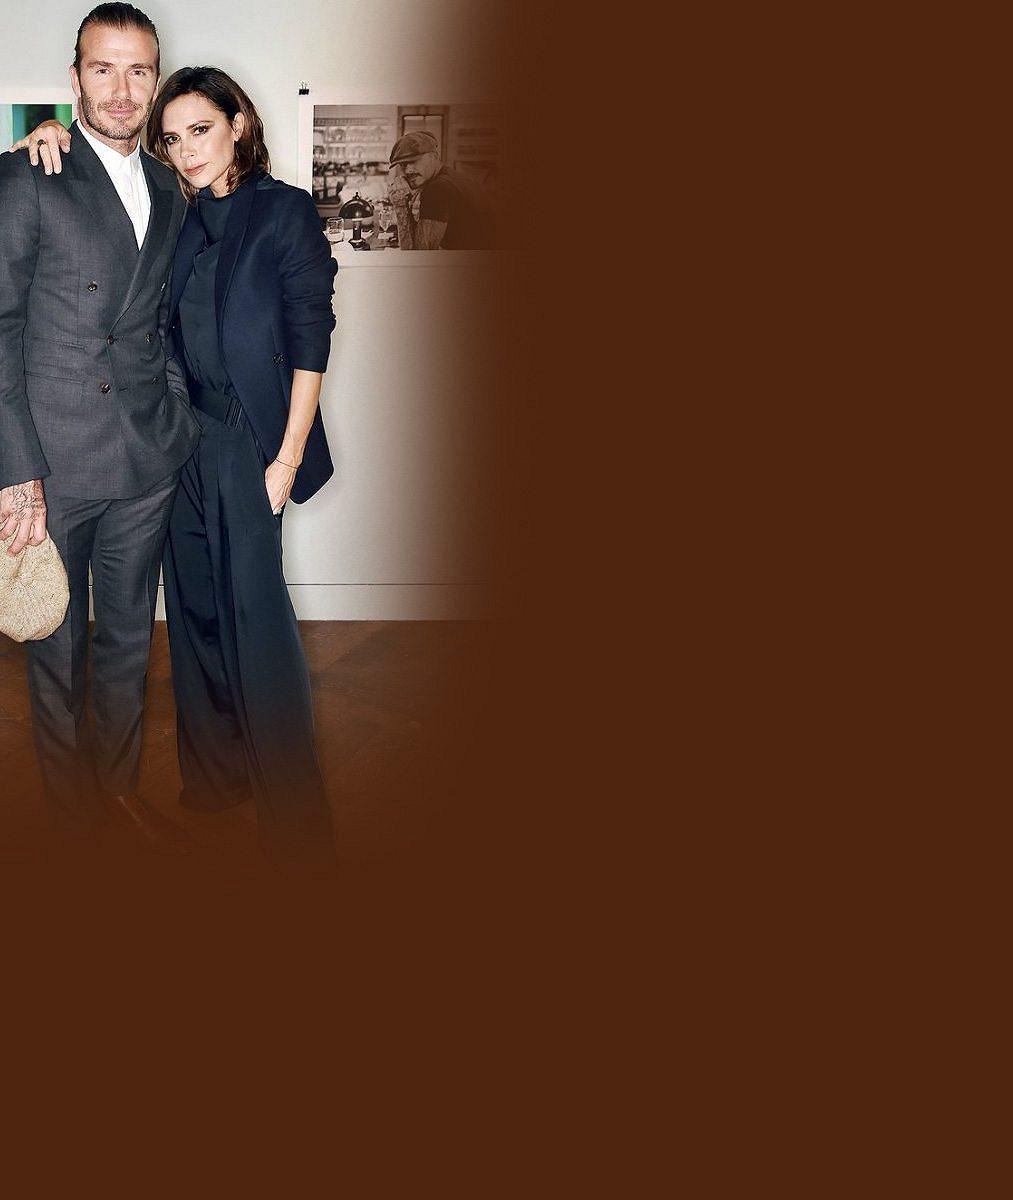 Láska je spolu drží už 20 let: Podívejte se na archivní fotky z počátku vztahu Victorie a Davida Beckhamových